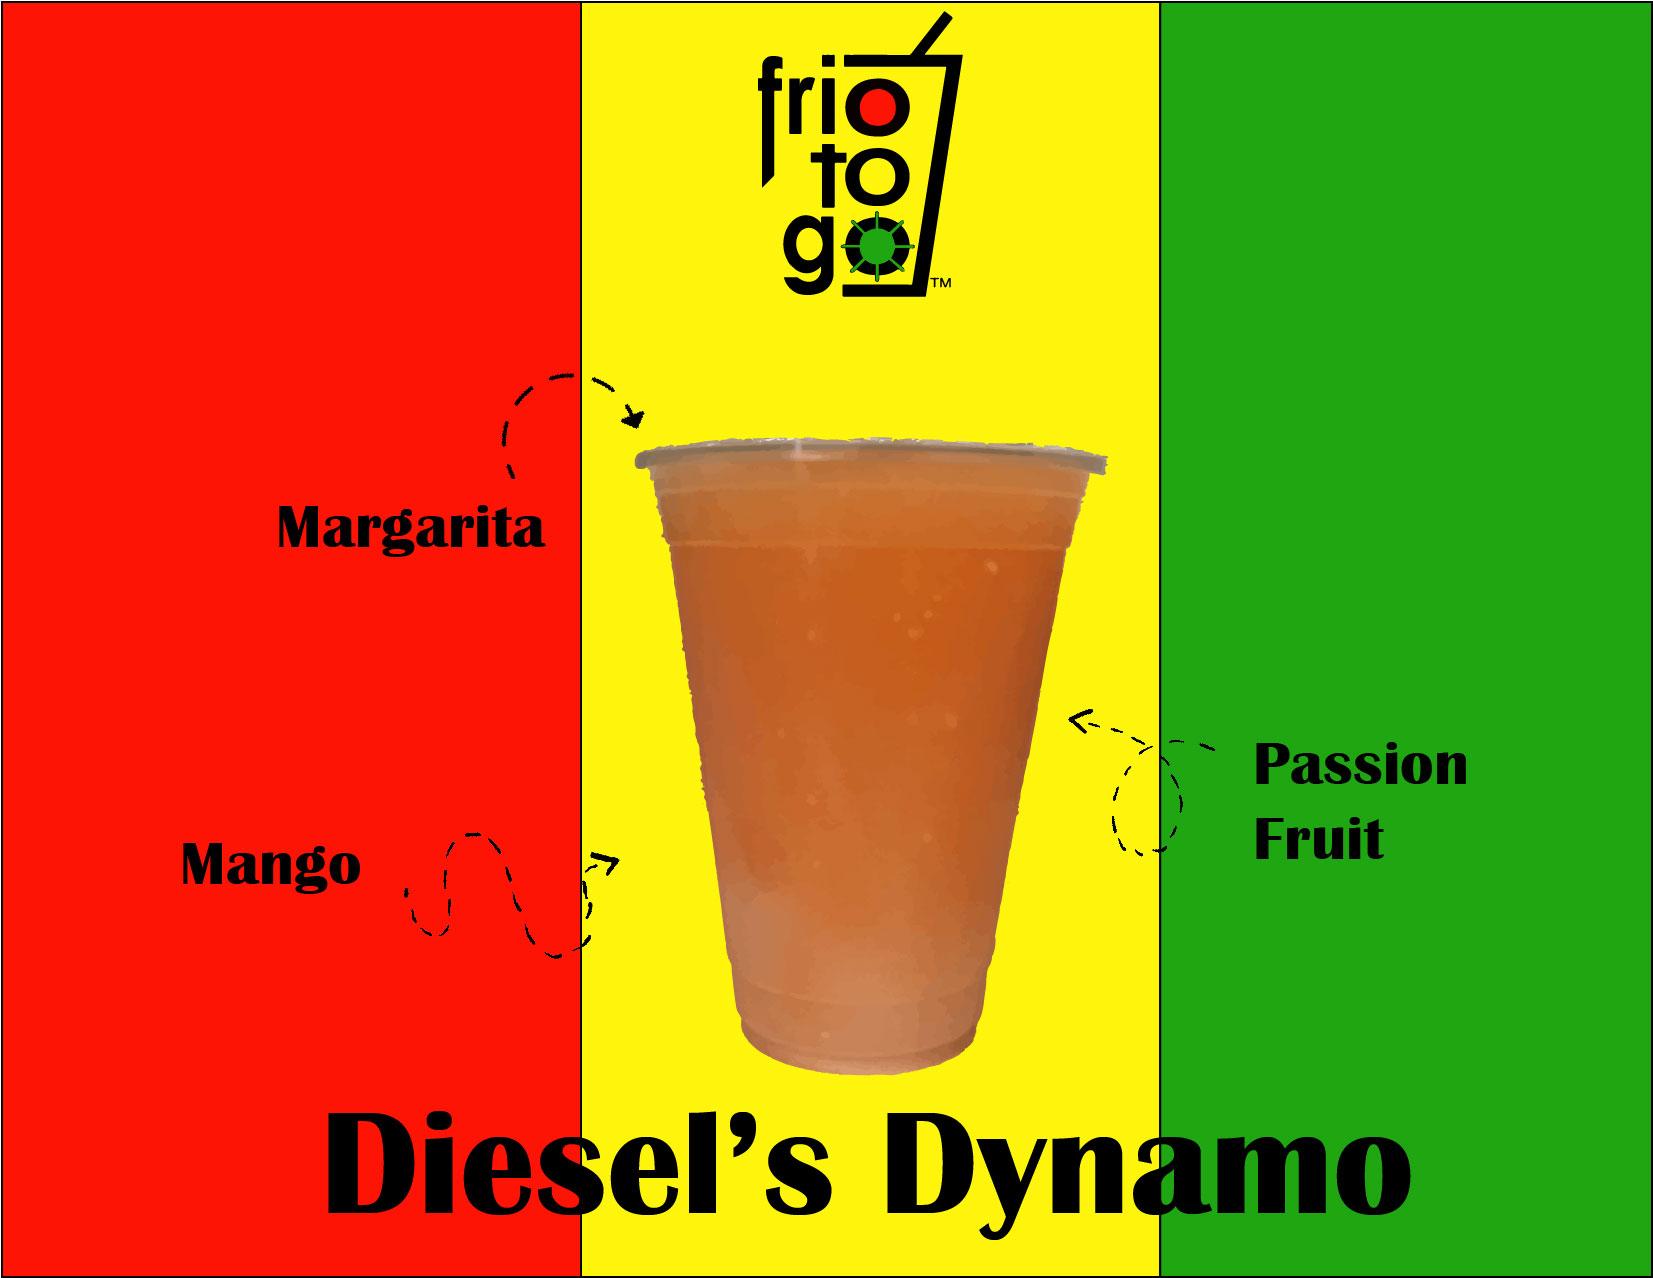 Diesel's Dynamo